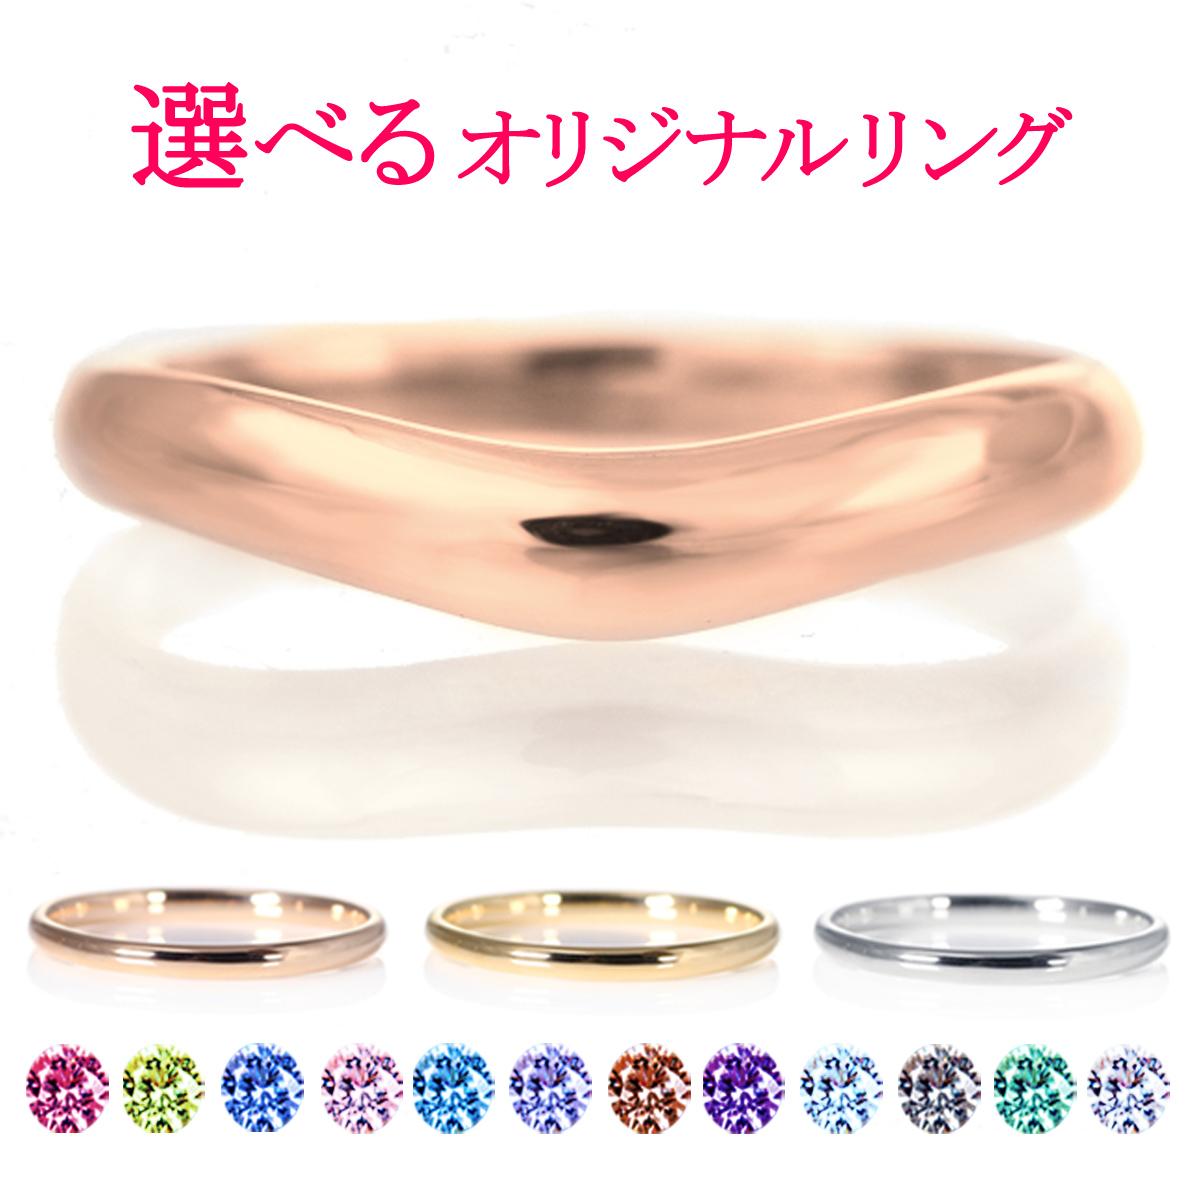 結婚指輪 マリッジリング 18金 ピンクゴールド 甲丸 V字 レディース